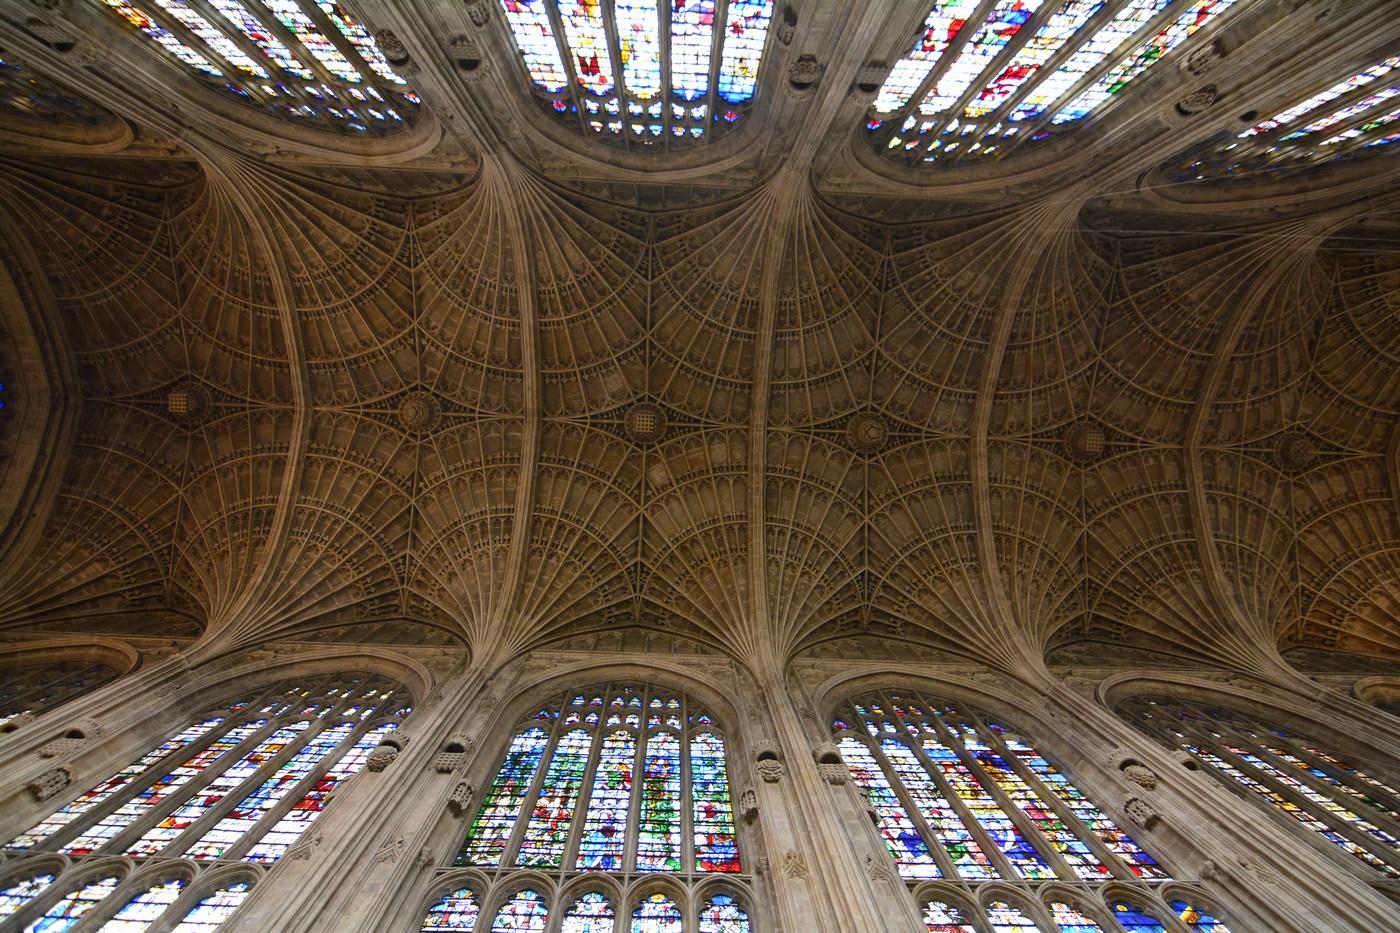 Le chef-d'oeuvre est cette voûte ouvragée du XVIème siècle, dont la longueur constitue un record mondial !